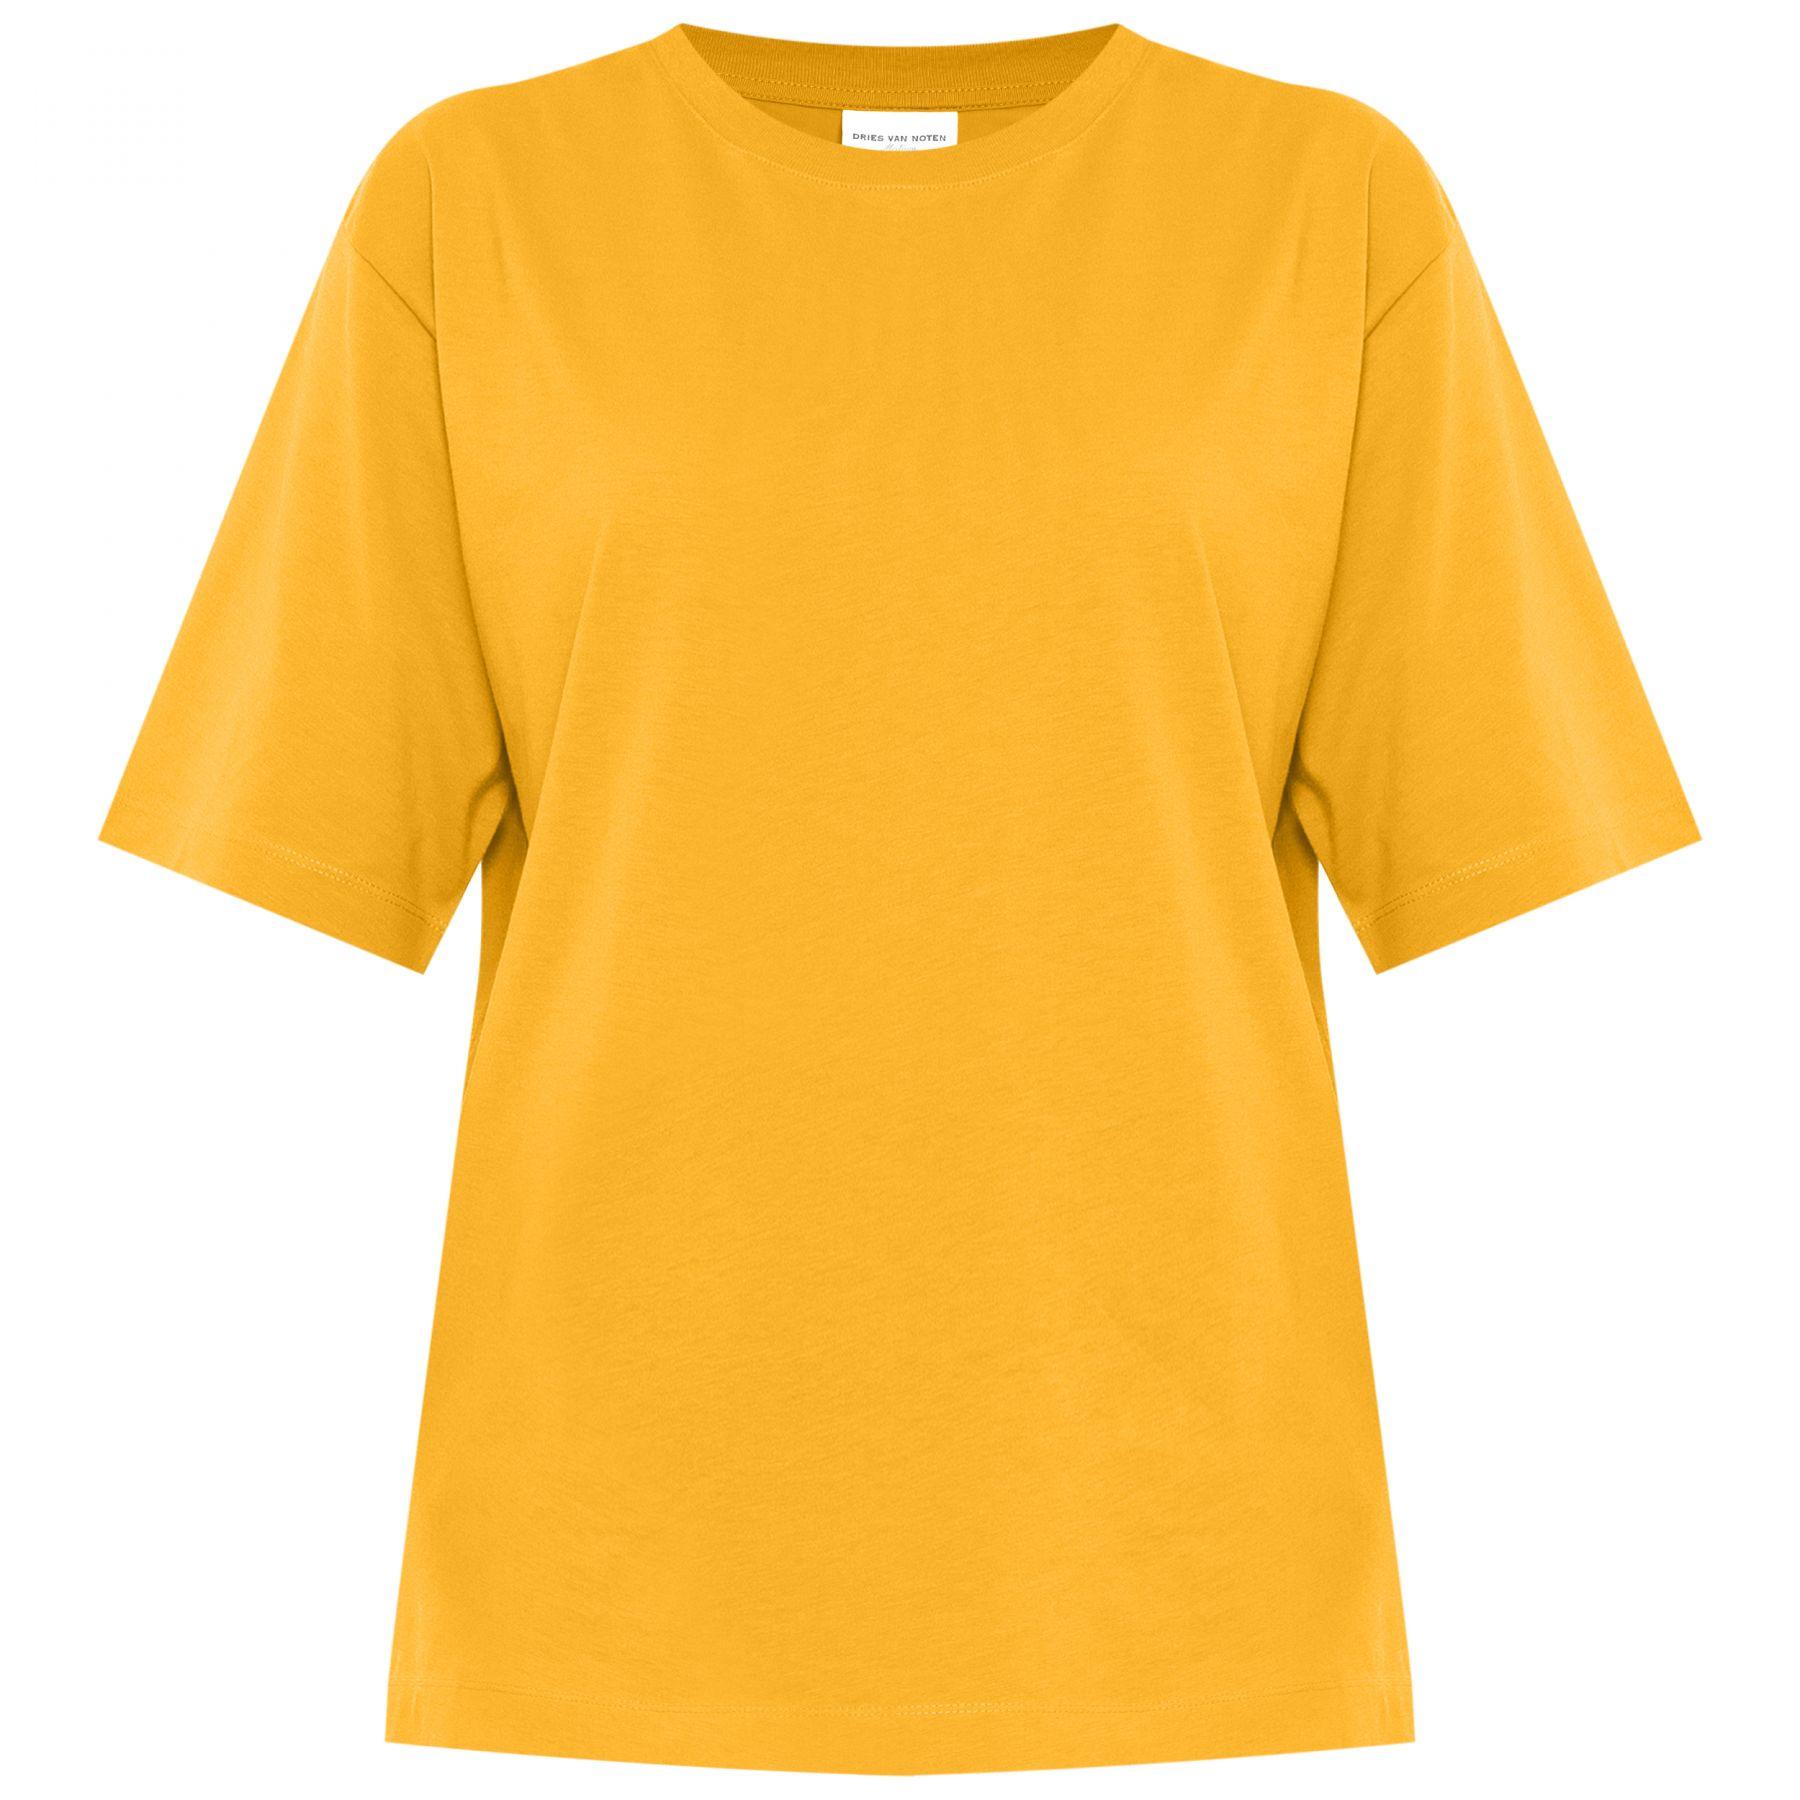 Футболка Dries Van Noten желтая